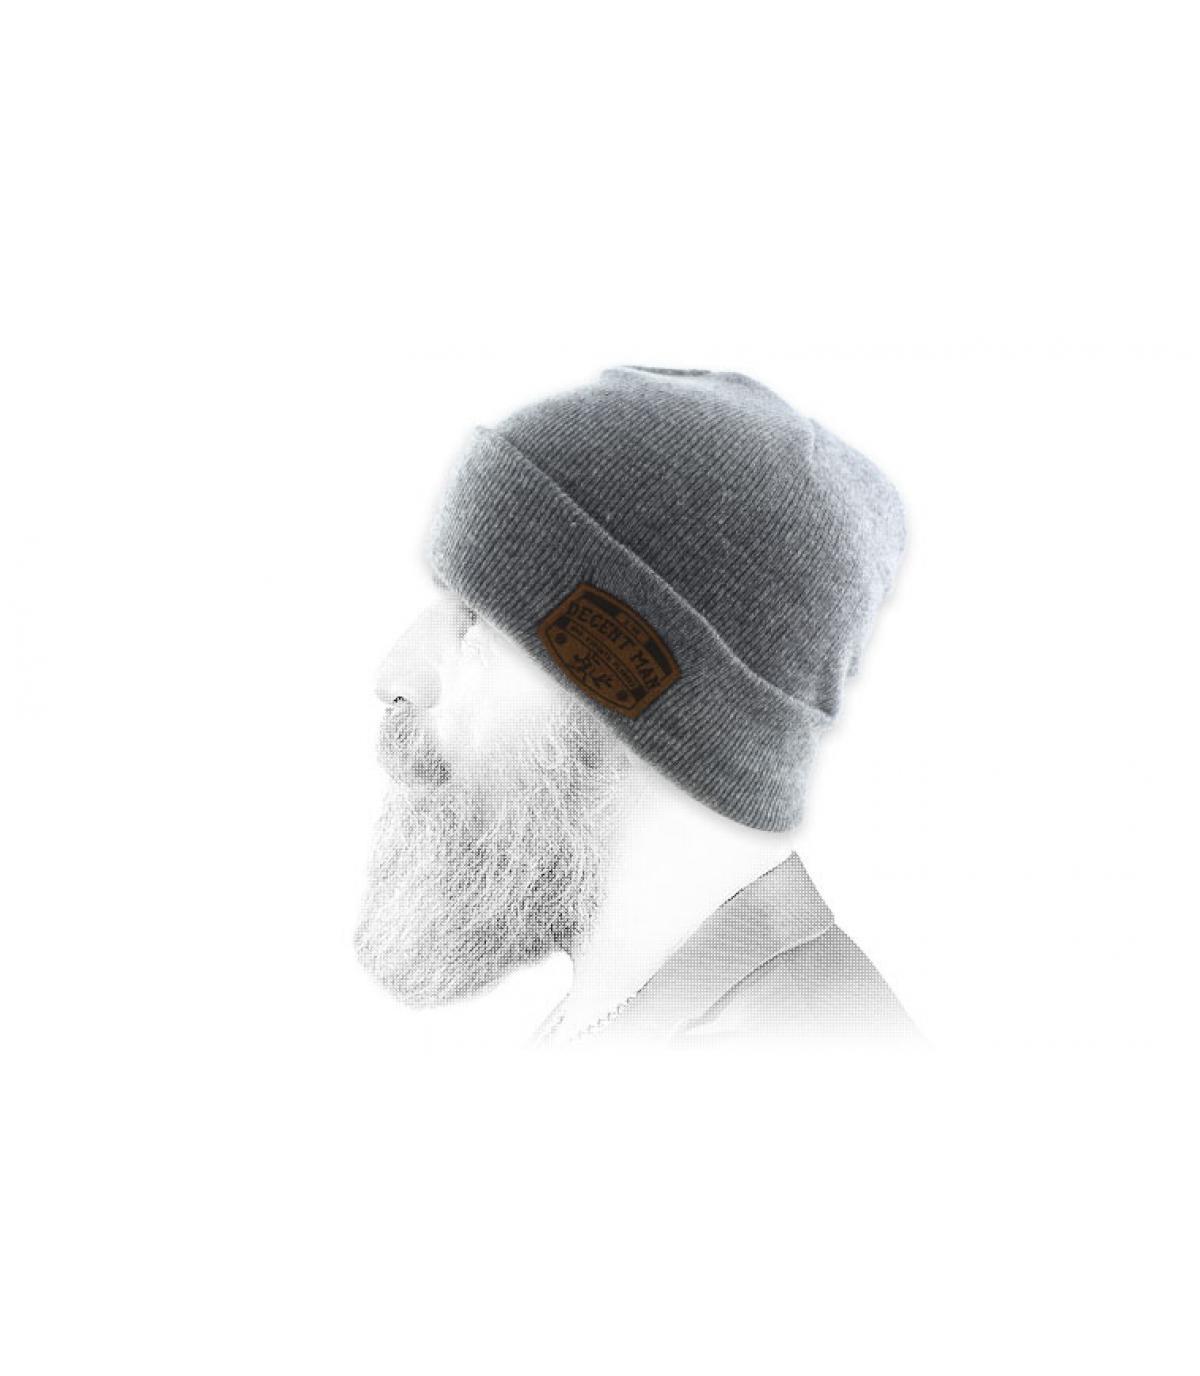 Bonnet Man grigio uomo decente